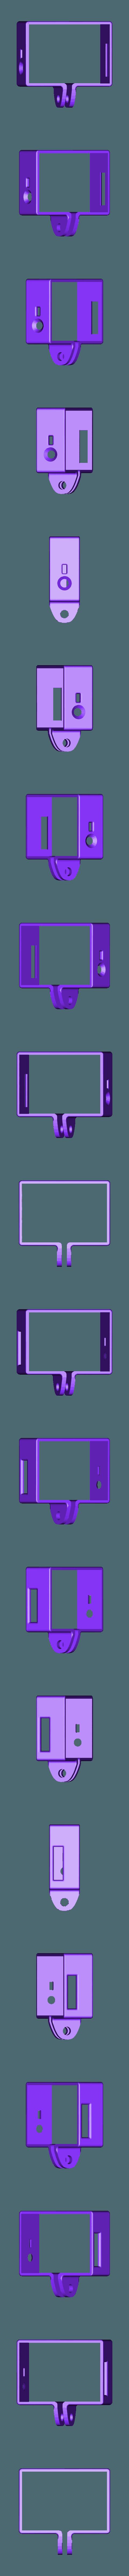 gopro_frame_smaller.stl Télécharger fichier STL gratuit gopro hero3 cadre lumineux mis à l'échelle • Design imprimable en 3D, procreator3D